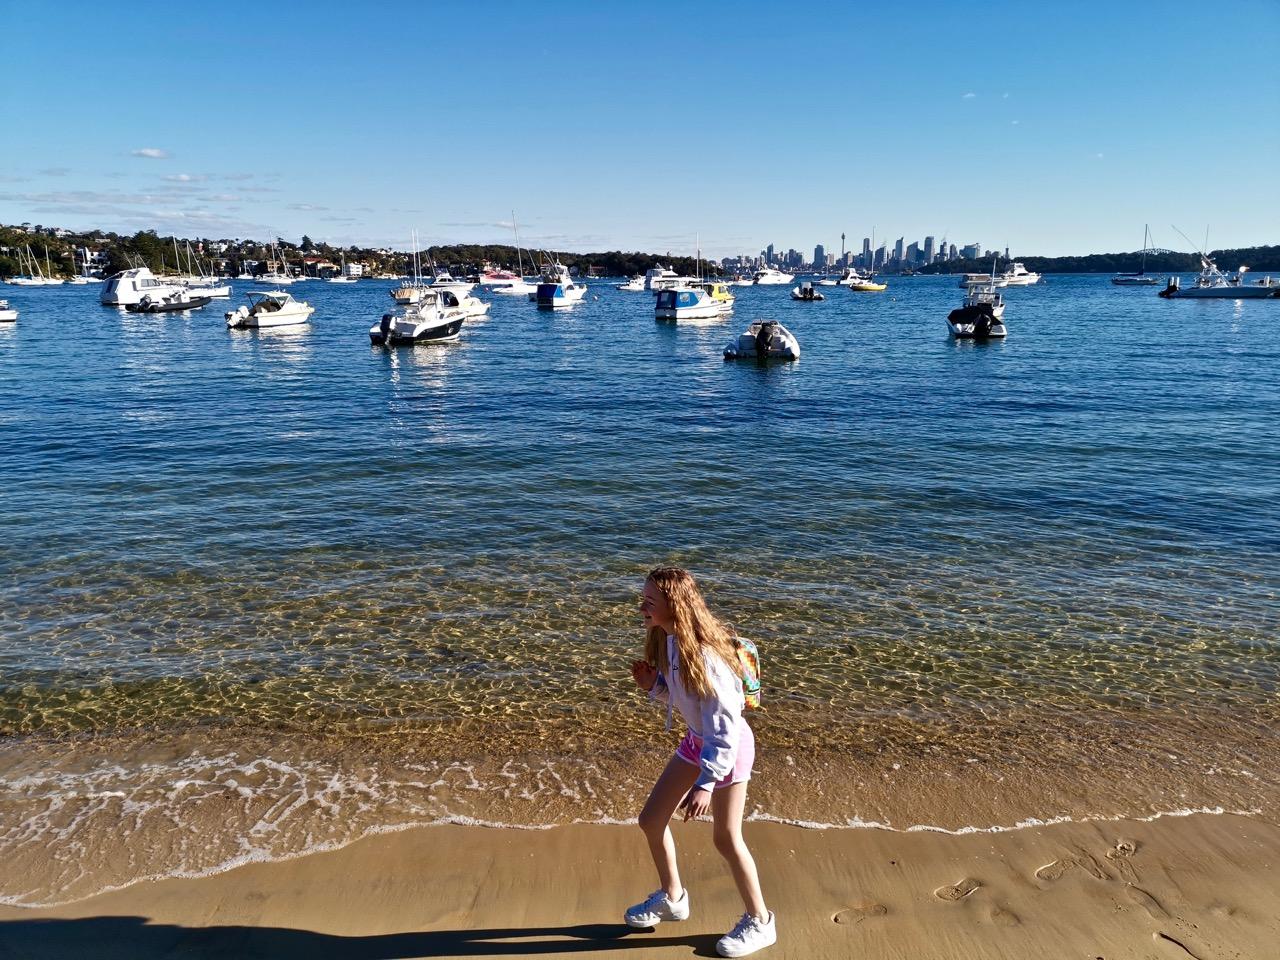 想要躲避北半球酷热的夏天,这时候来悉尼准没错 酷热难耐,别骗我,哭笑不得,想要,躲避 第1张图片